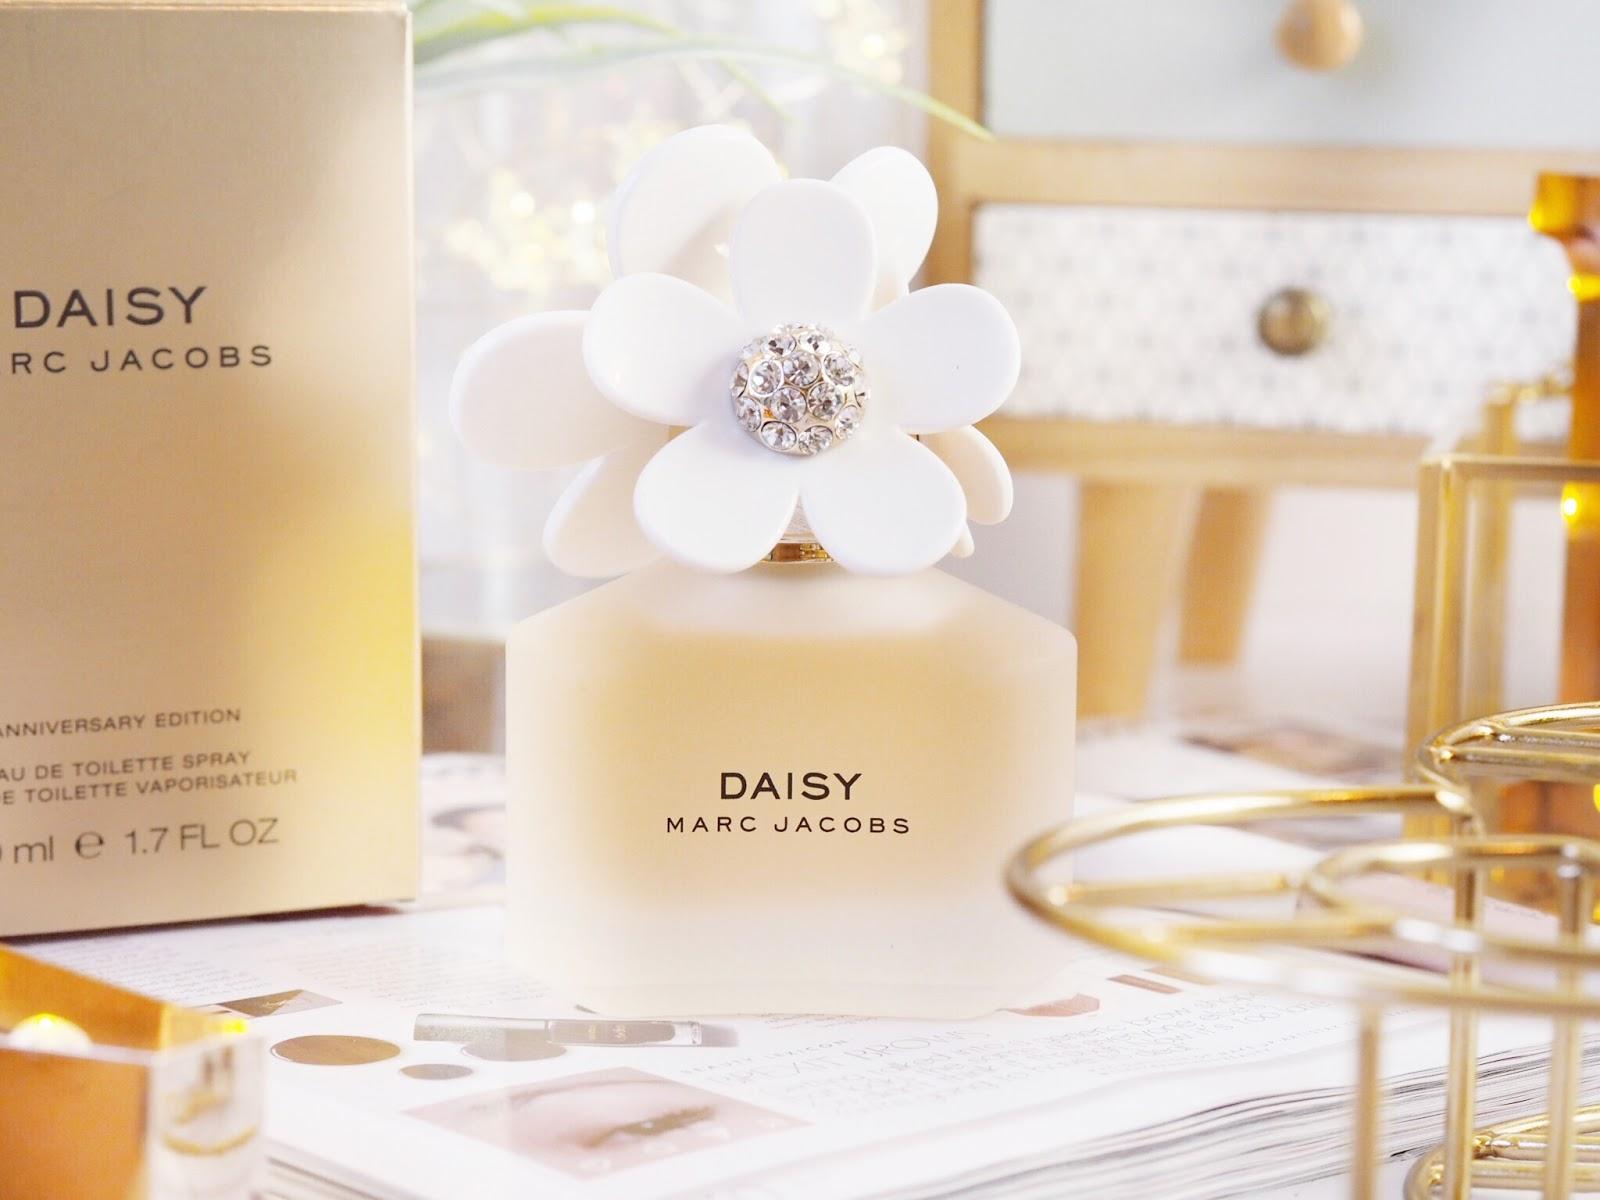 Daisy và Daisy Eau so fresh – Đóa hoa cúc ngọt ngào từ nhà Marc ...